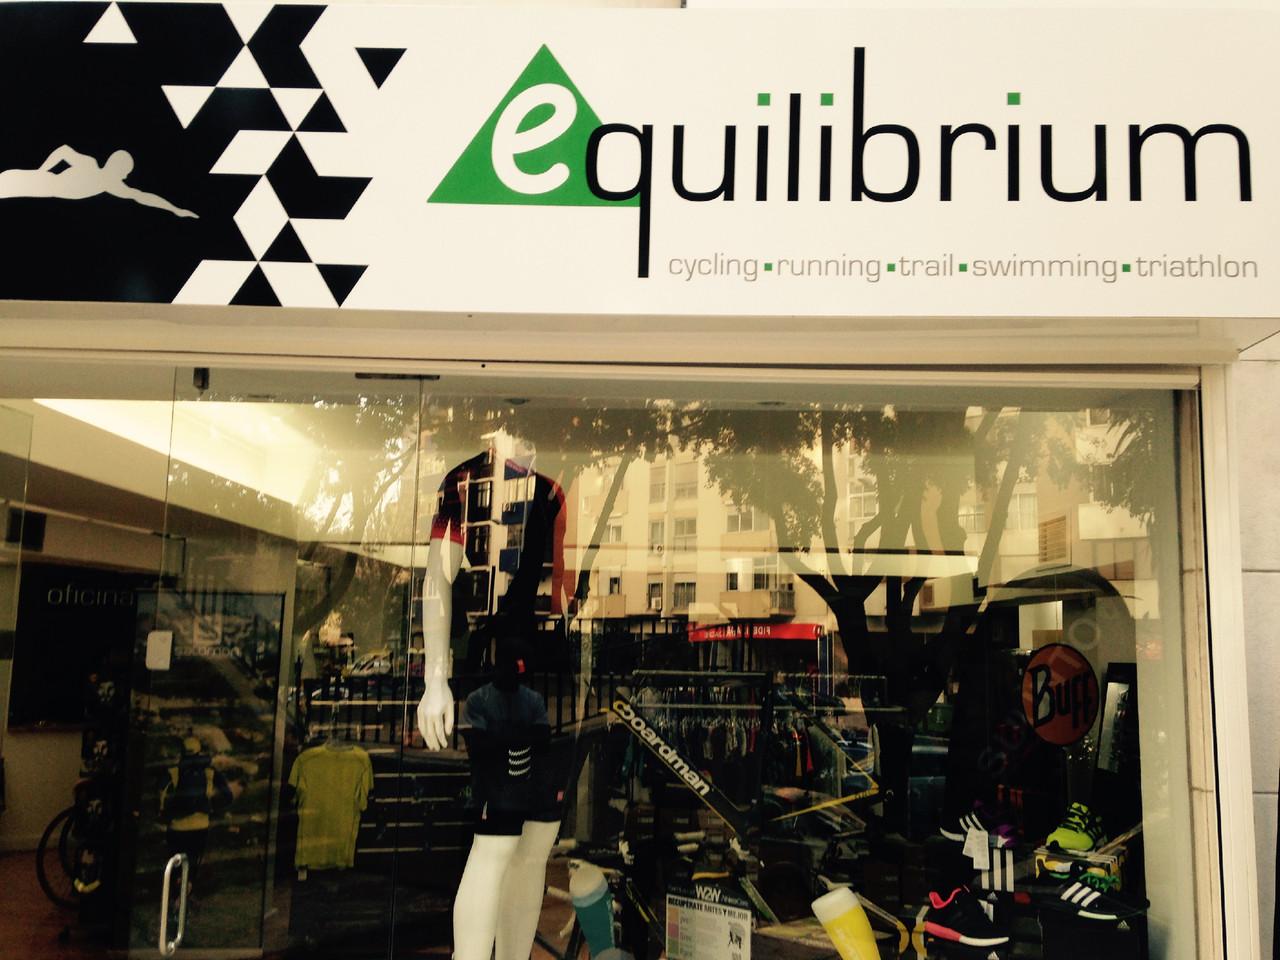 Equilibrium 1.jpg